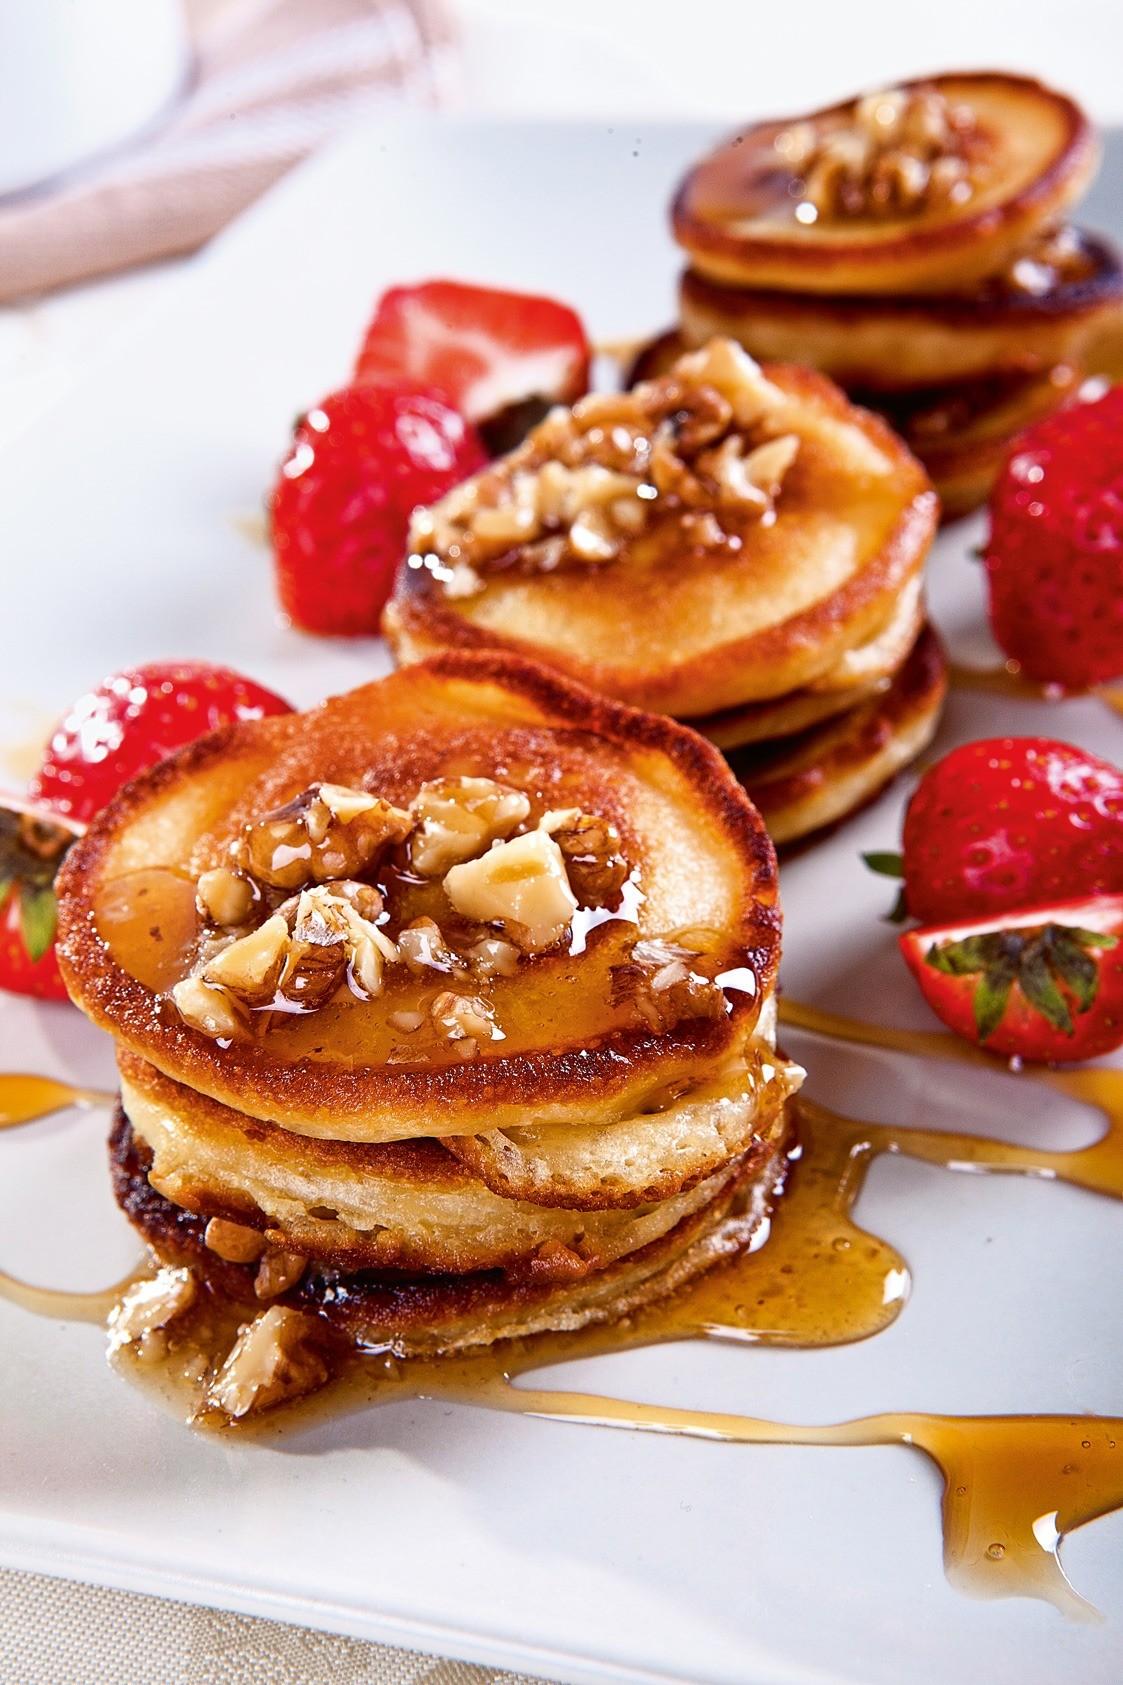 Вкусный завтрак: рецепт панкейков на кефире